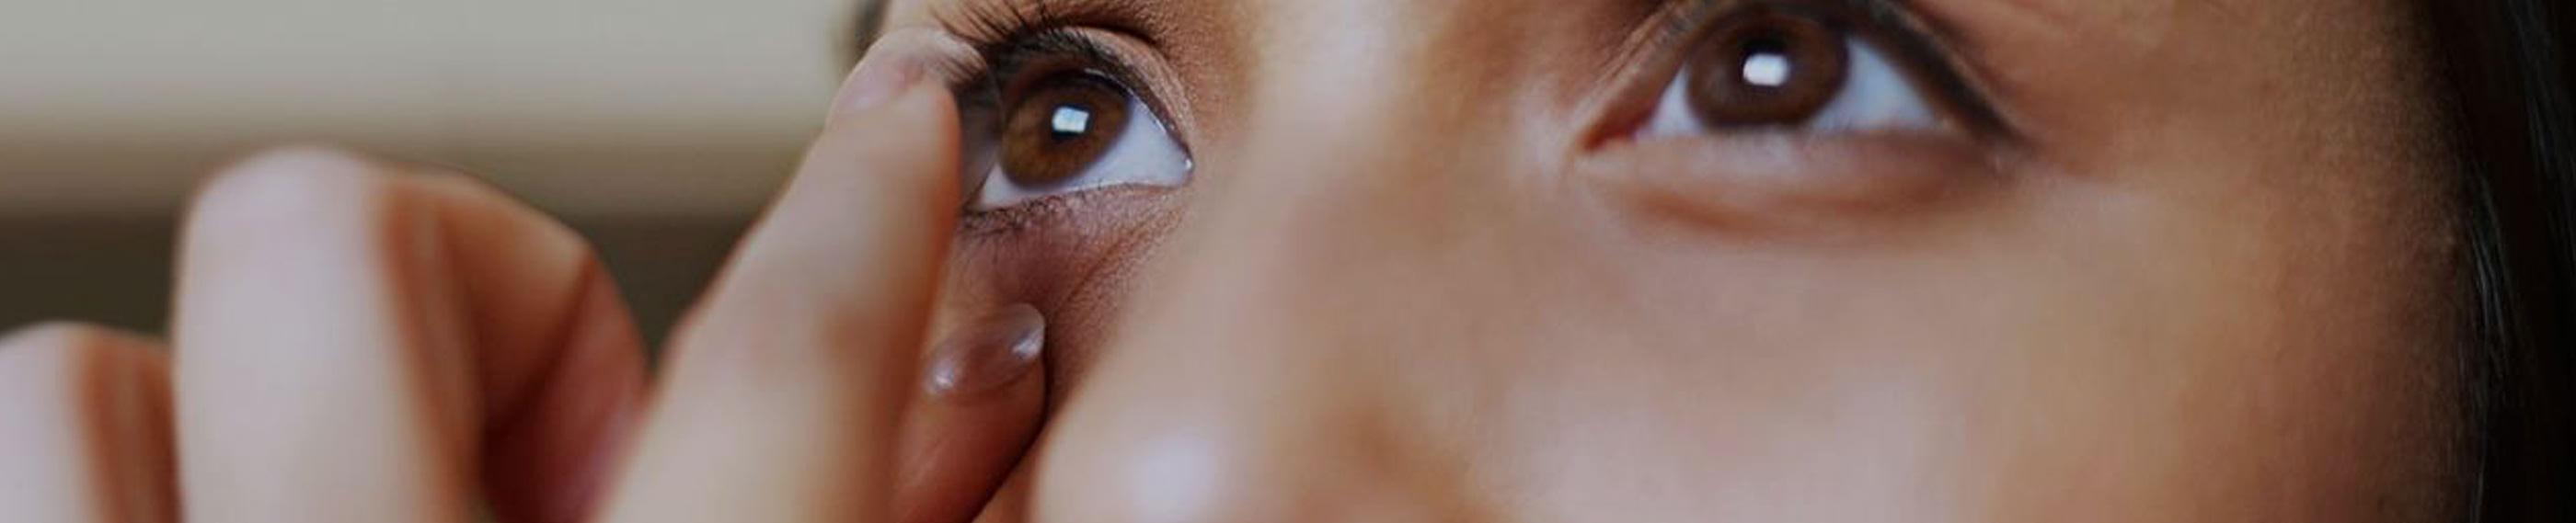 Nahaufnahme einer jungen Frau, die sich vor dem Spiegel ihre Kontaktlinsen einsetzt.